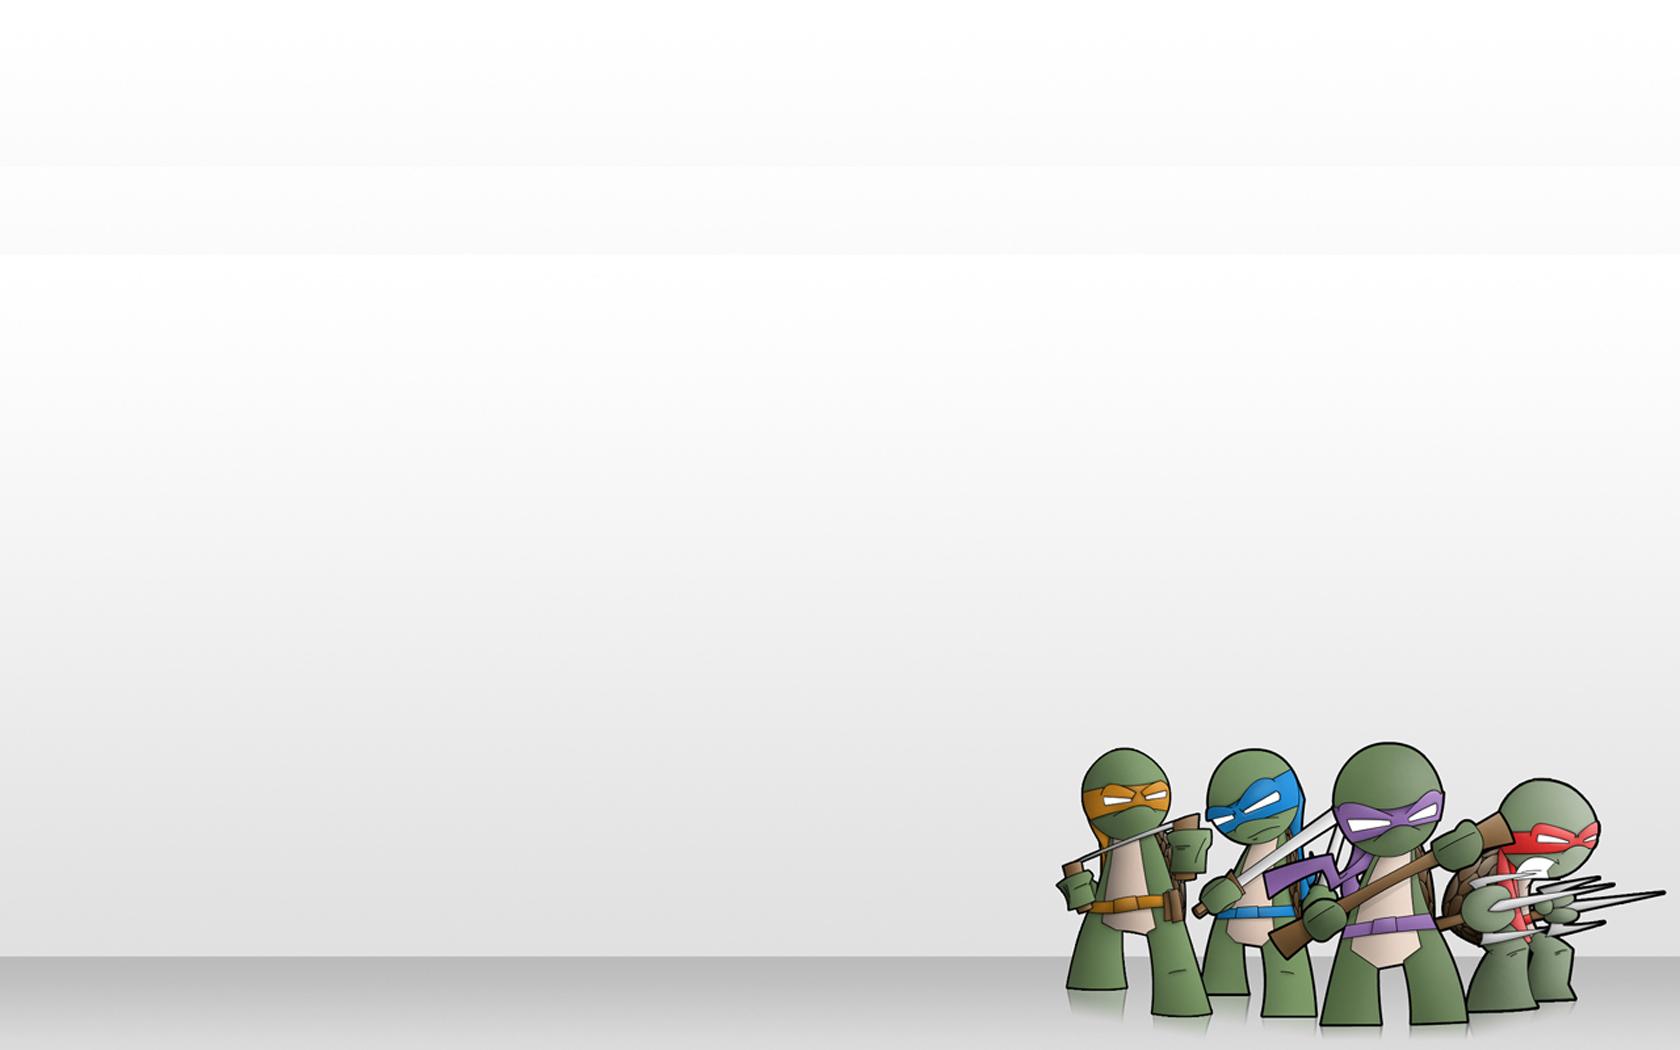 Комиксы - TMNT  Обои